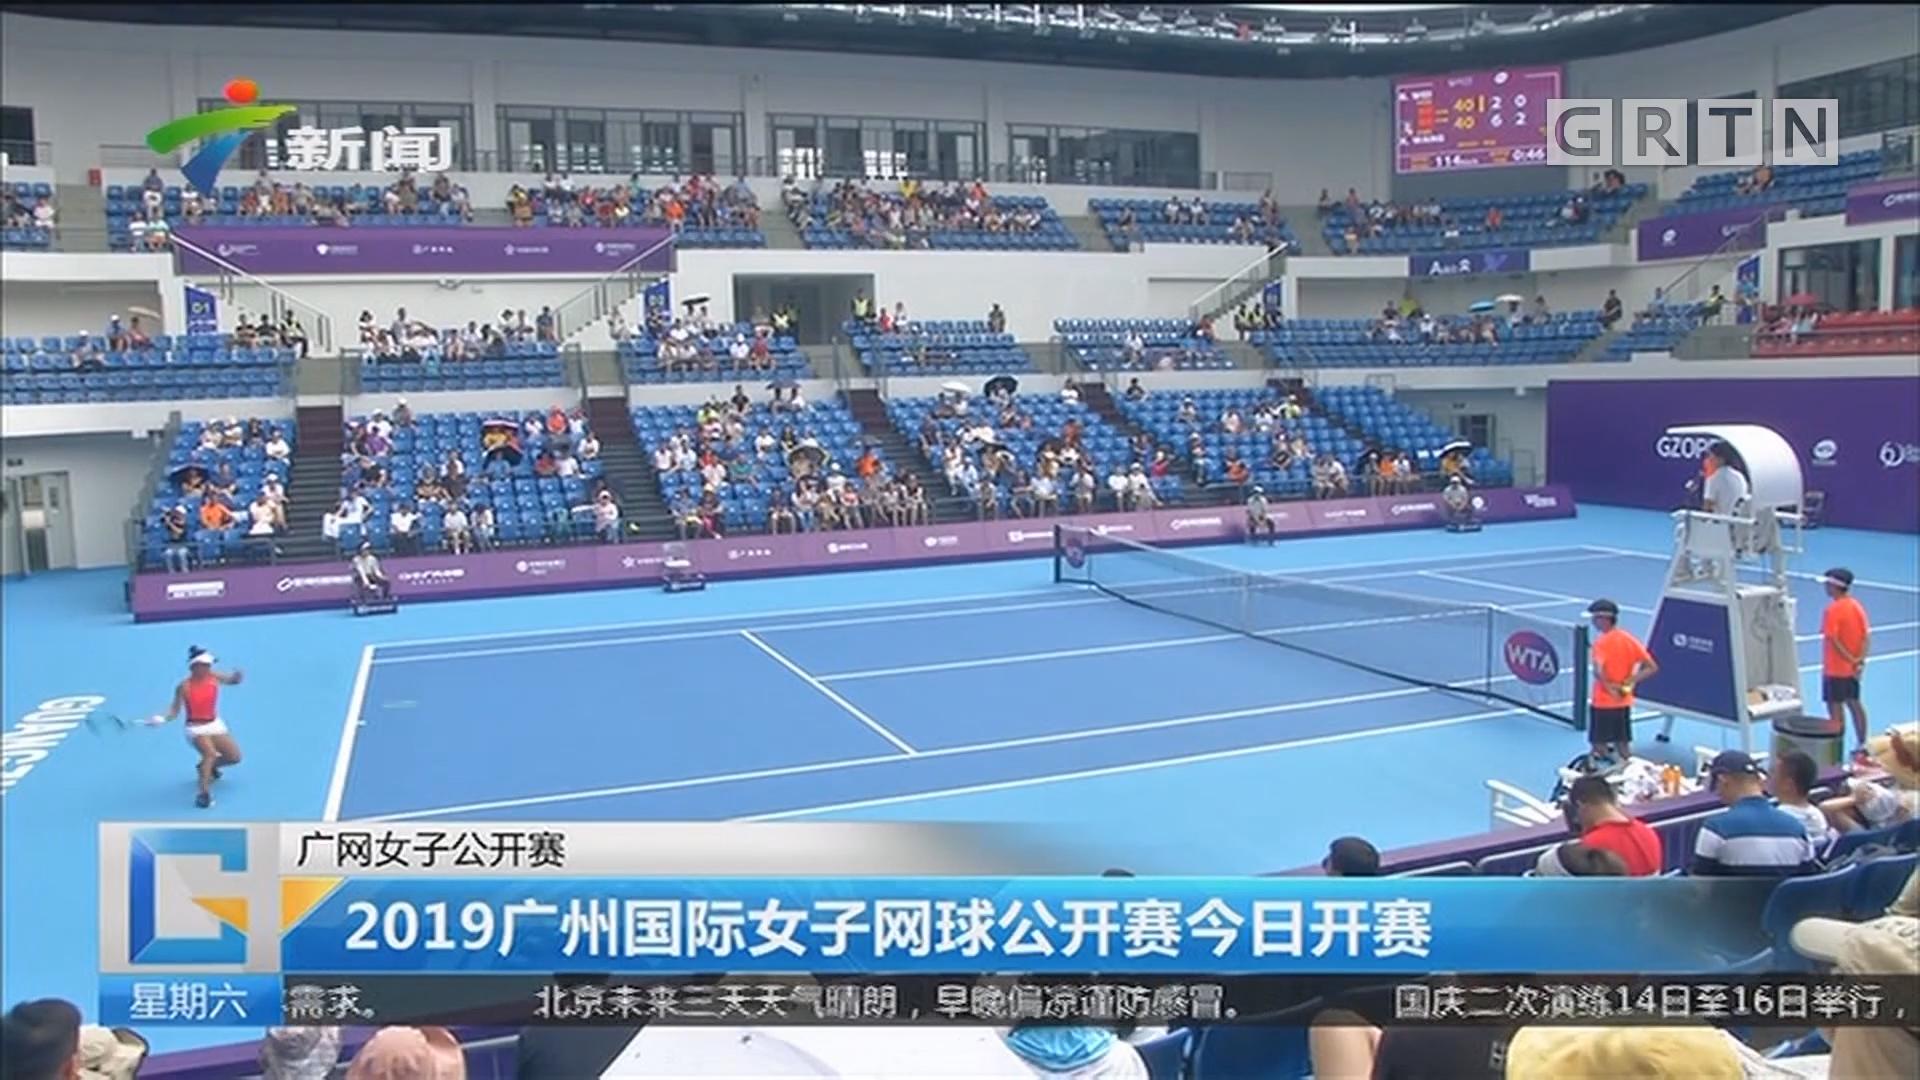 广网女子公开赛:2019广州国际女子网球公开赛今日开赛